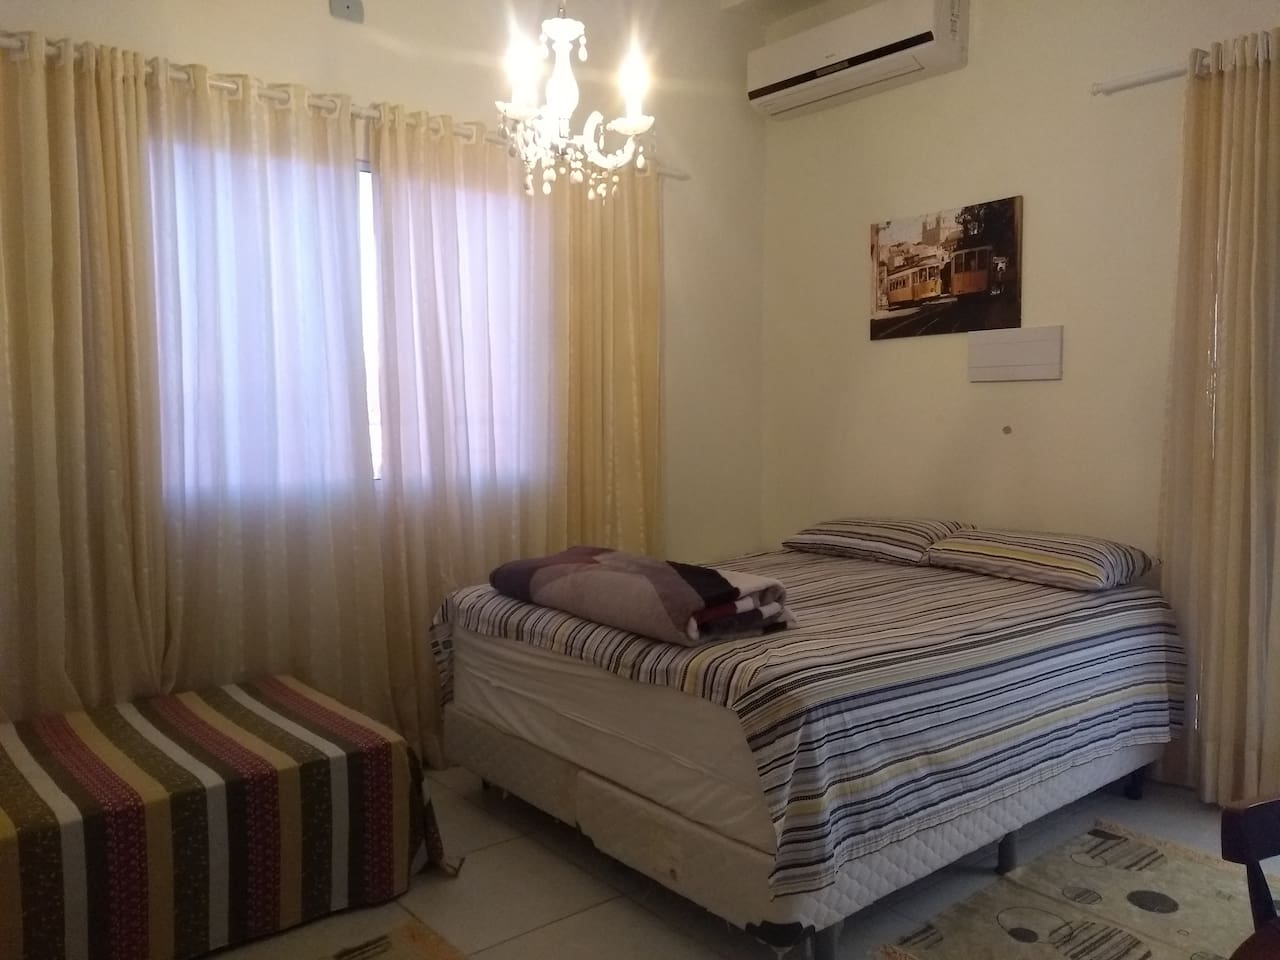 Cama box Queen confortável, ar condicionado split, decoração com quadros de vários países europeus.